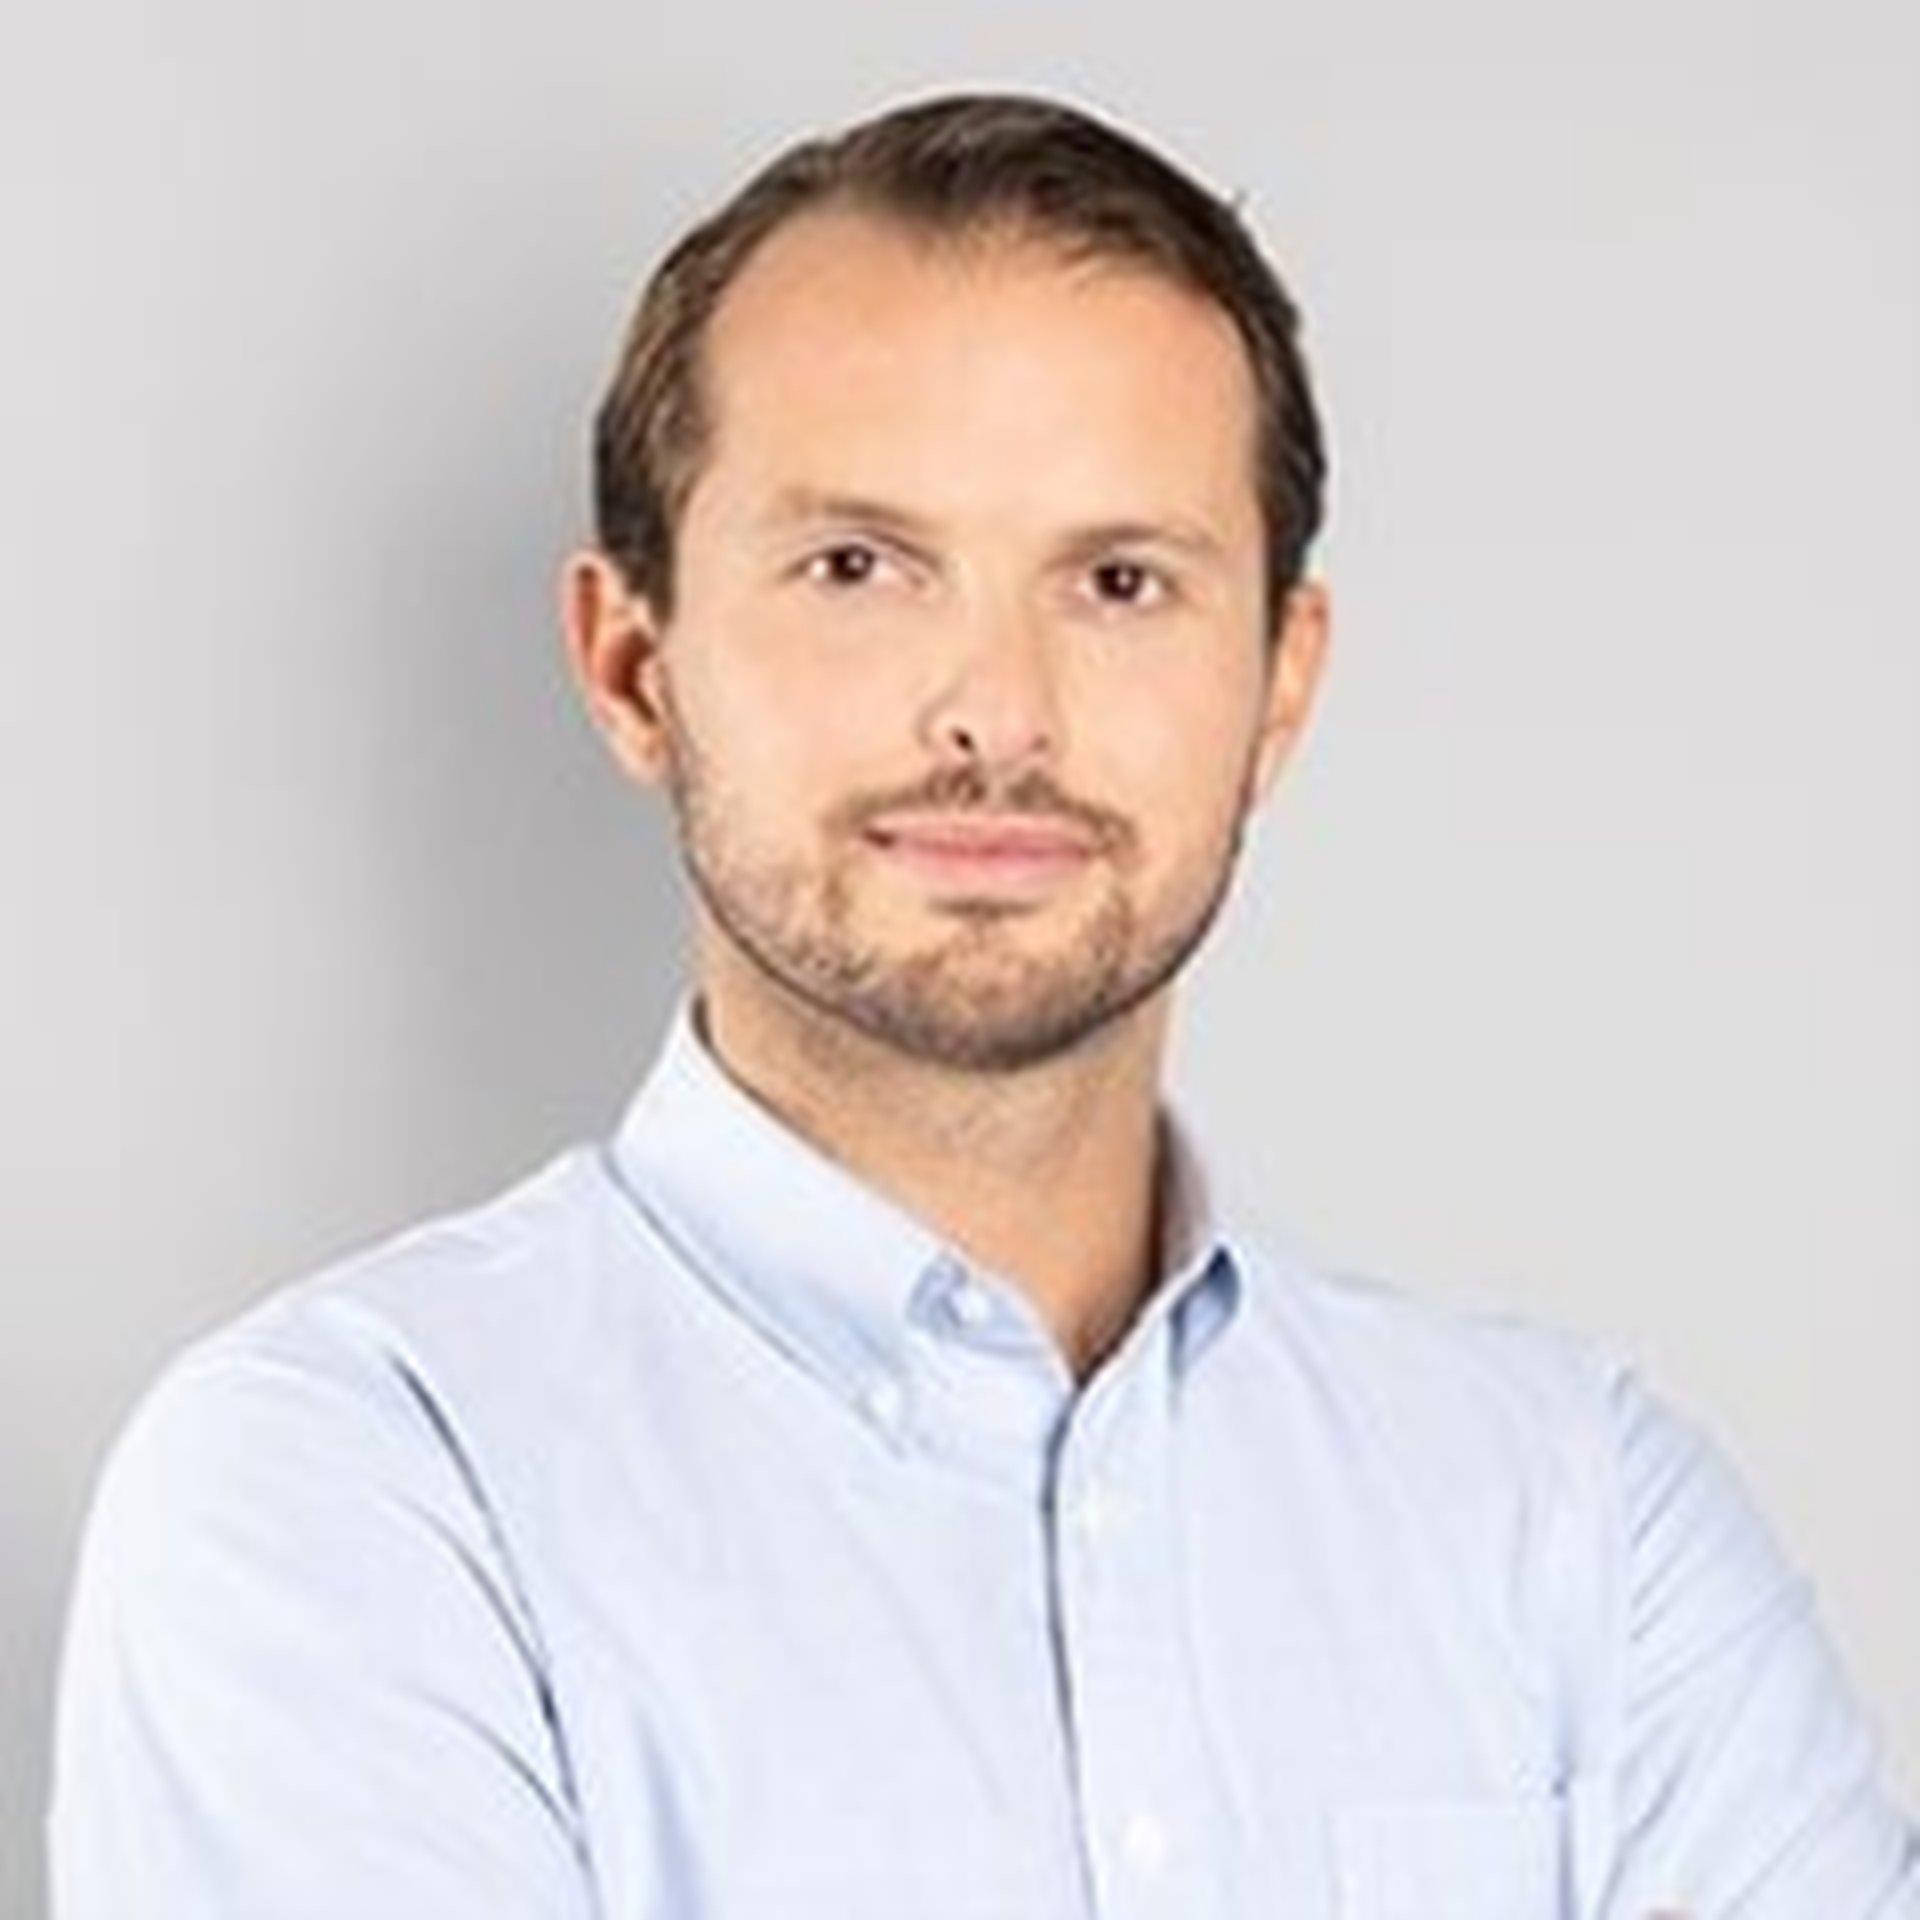 Marc Stolze